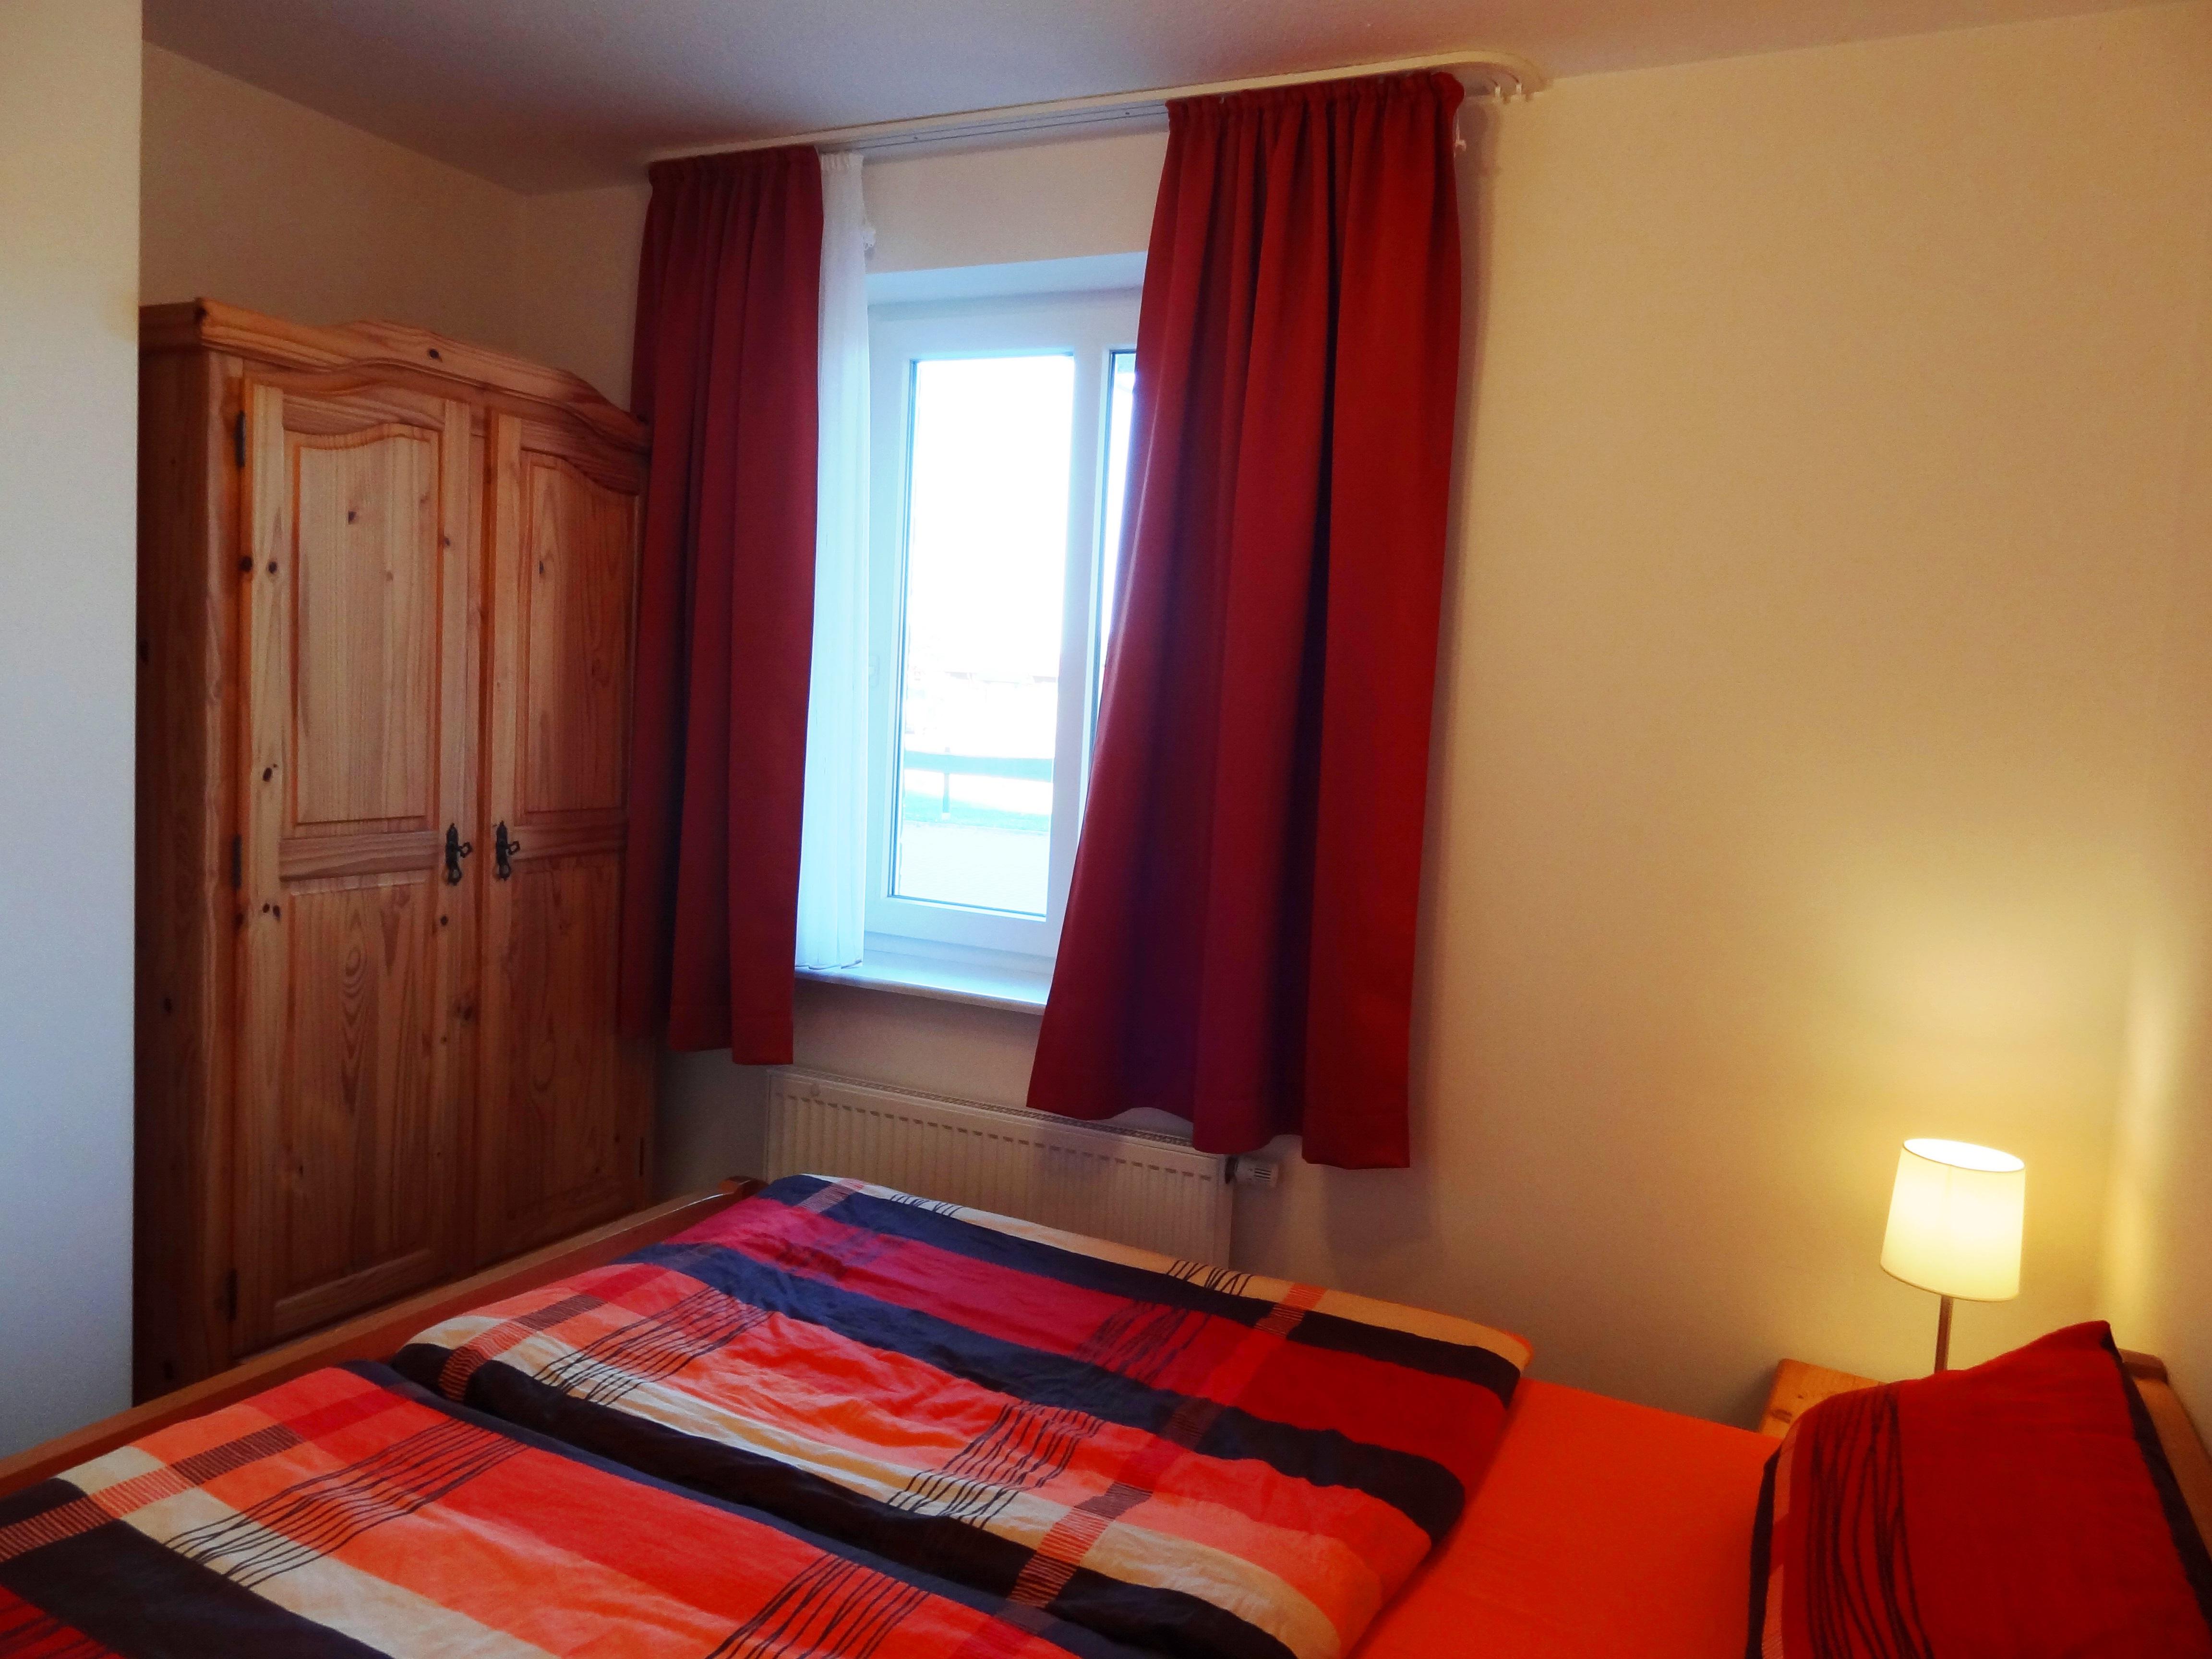 Schlafzimmer mit Fenster der Ferienwohnung Brandenburg von Ferienwohnungen Hass auf Fehmarn